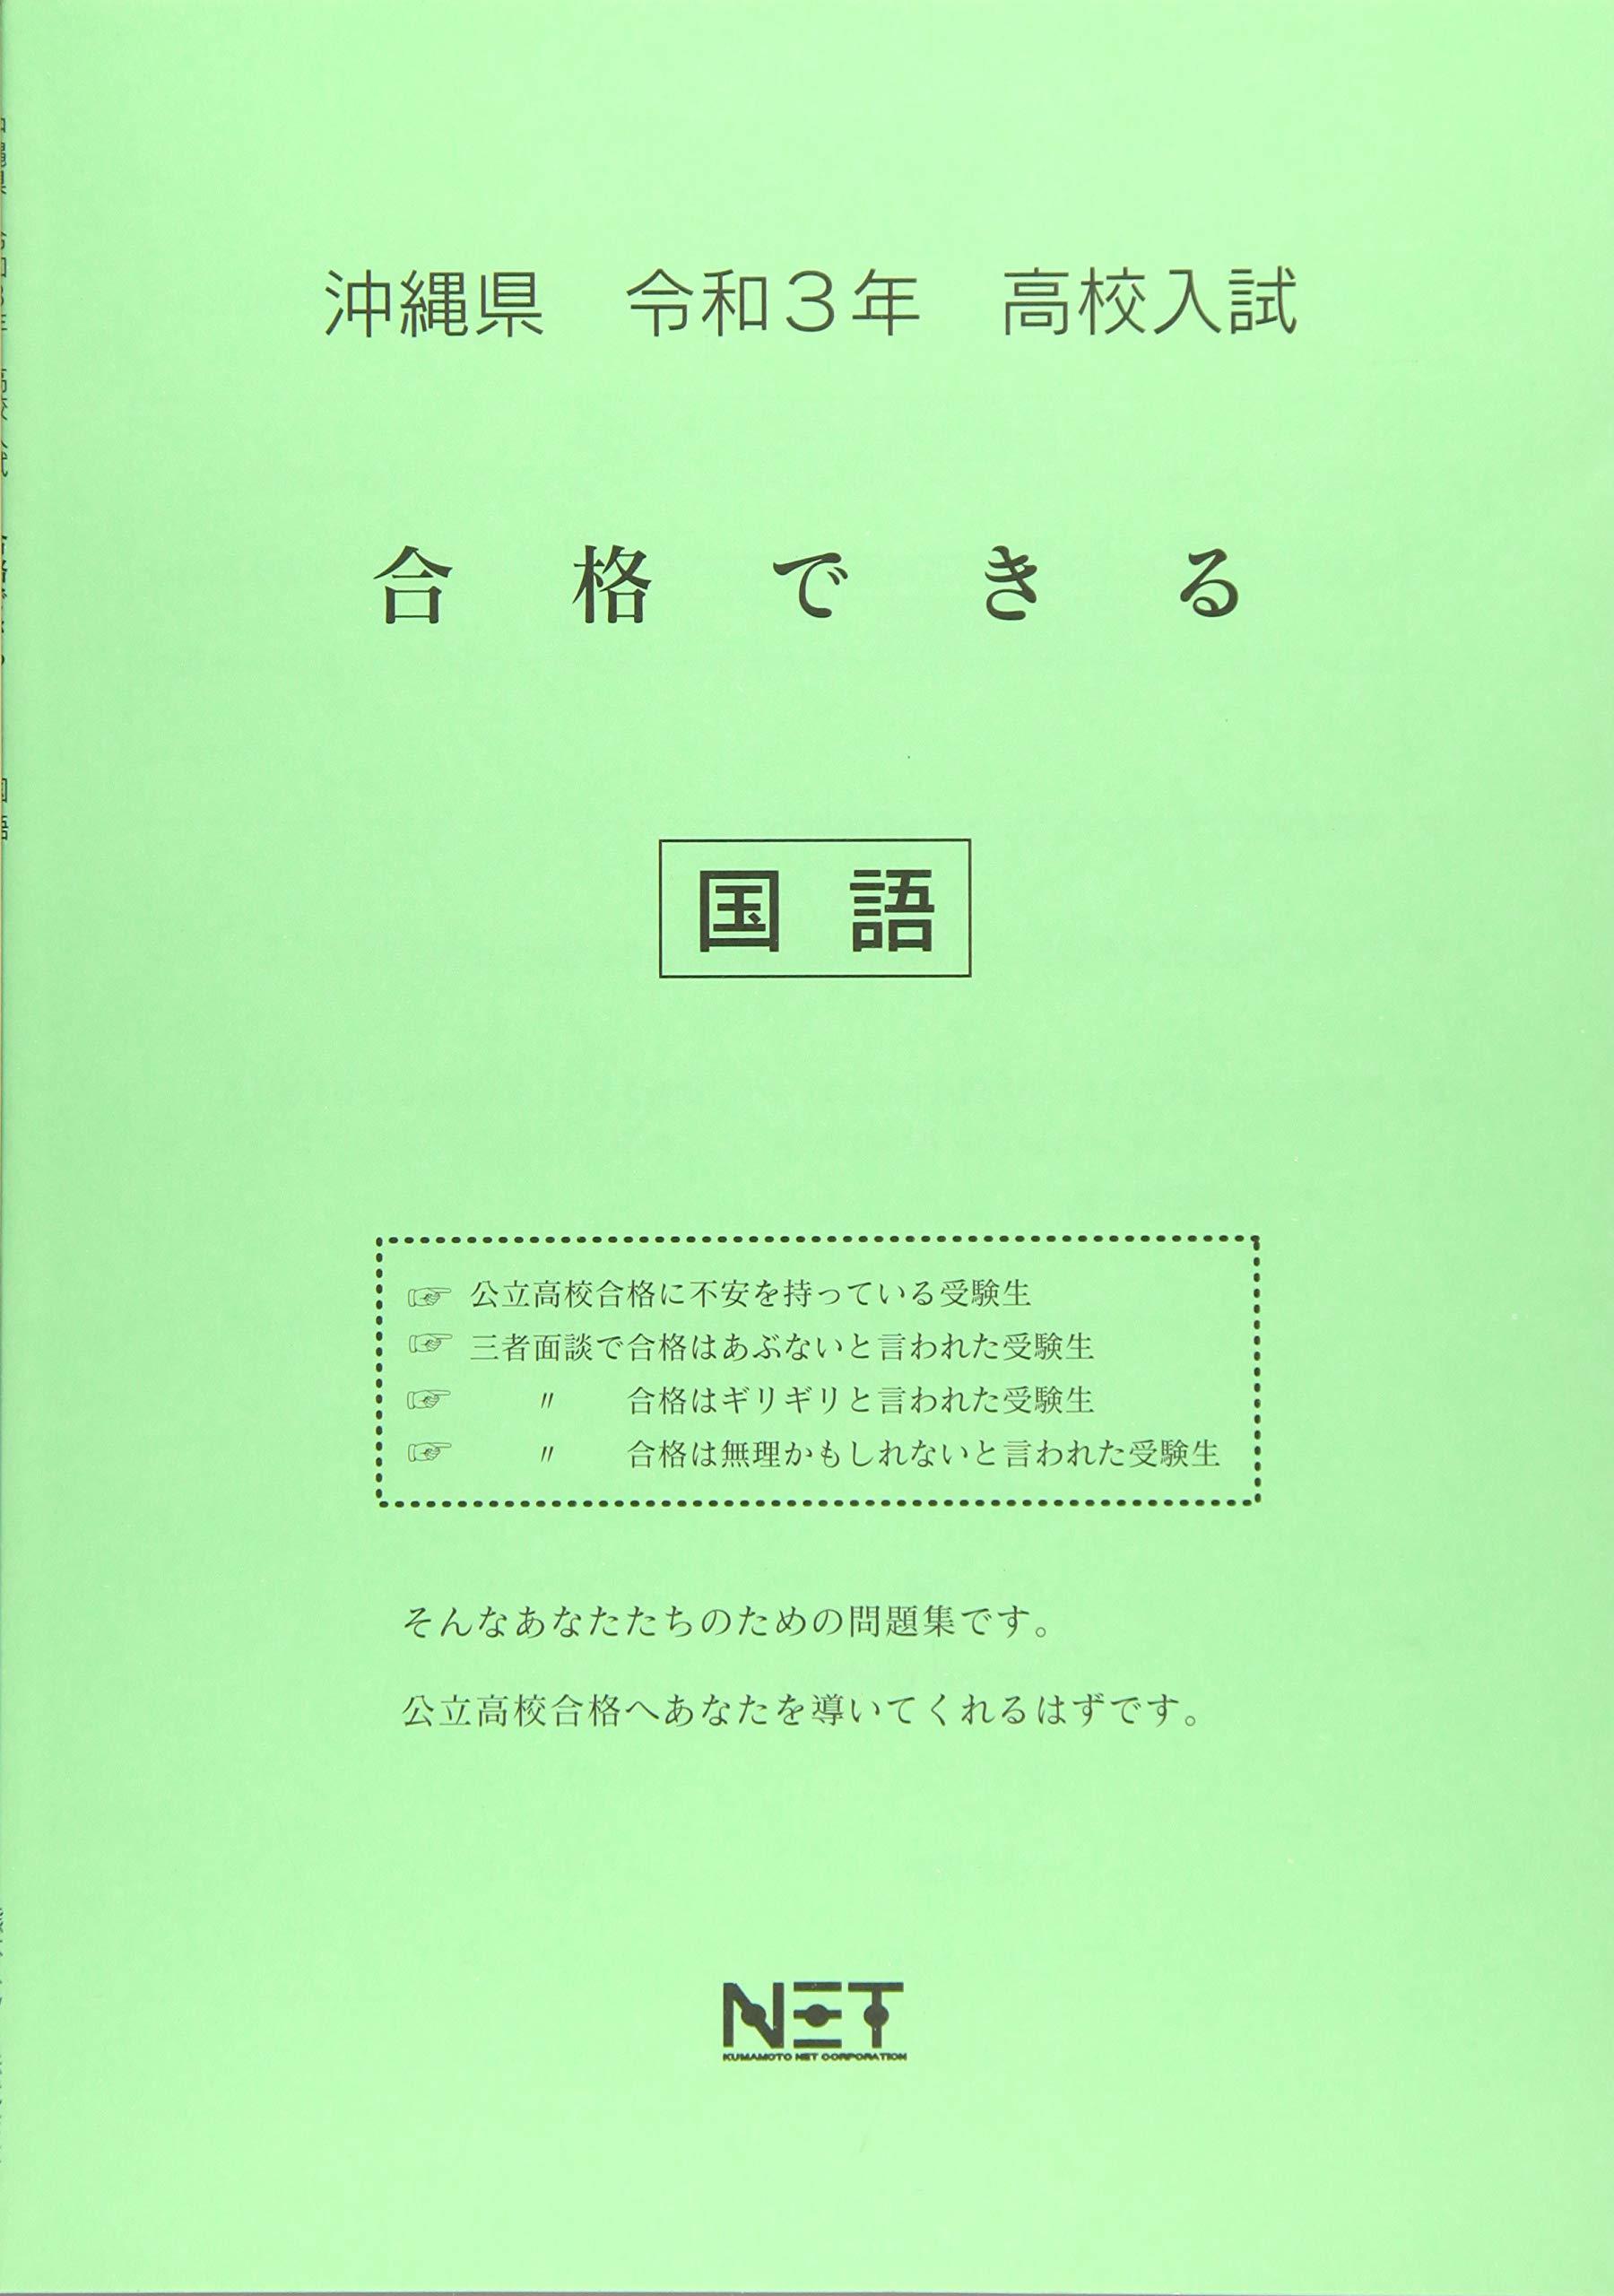 県 入試 沖縄 高校